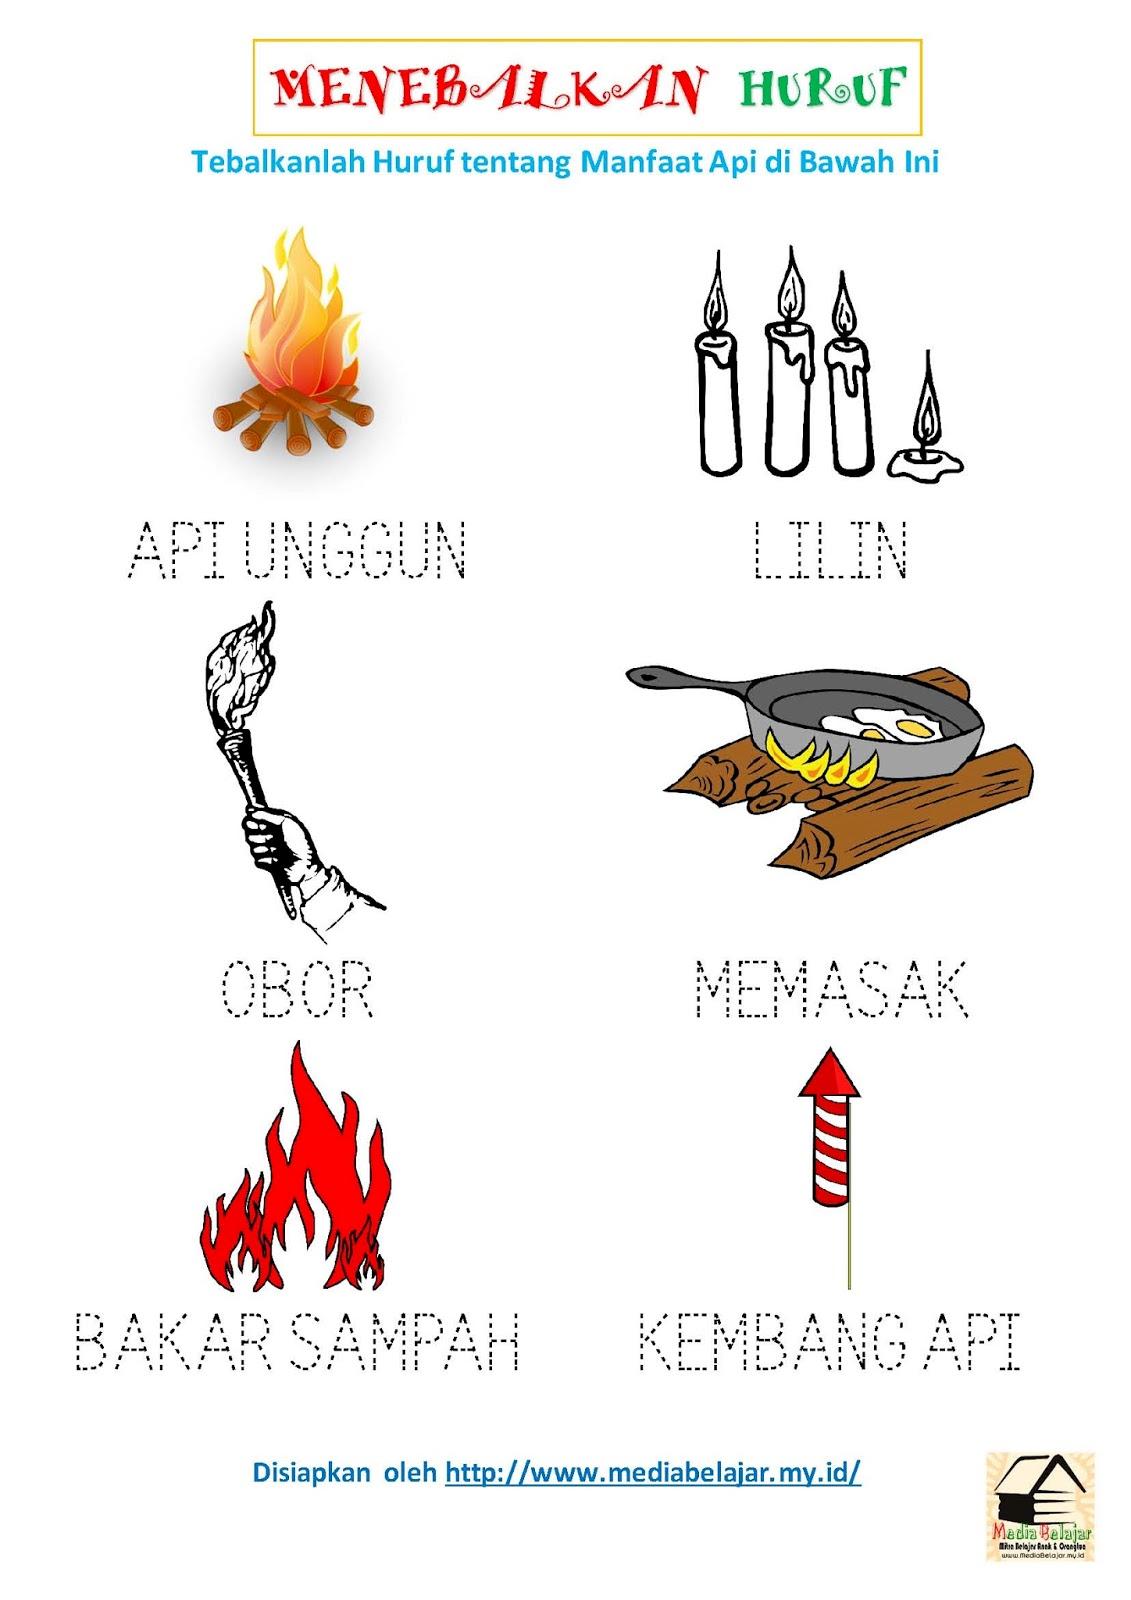 Menebalkan Huruf Tentang Manfaat Api